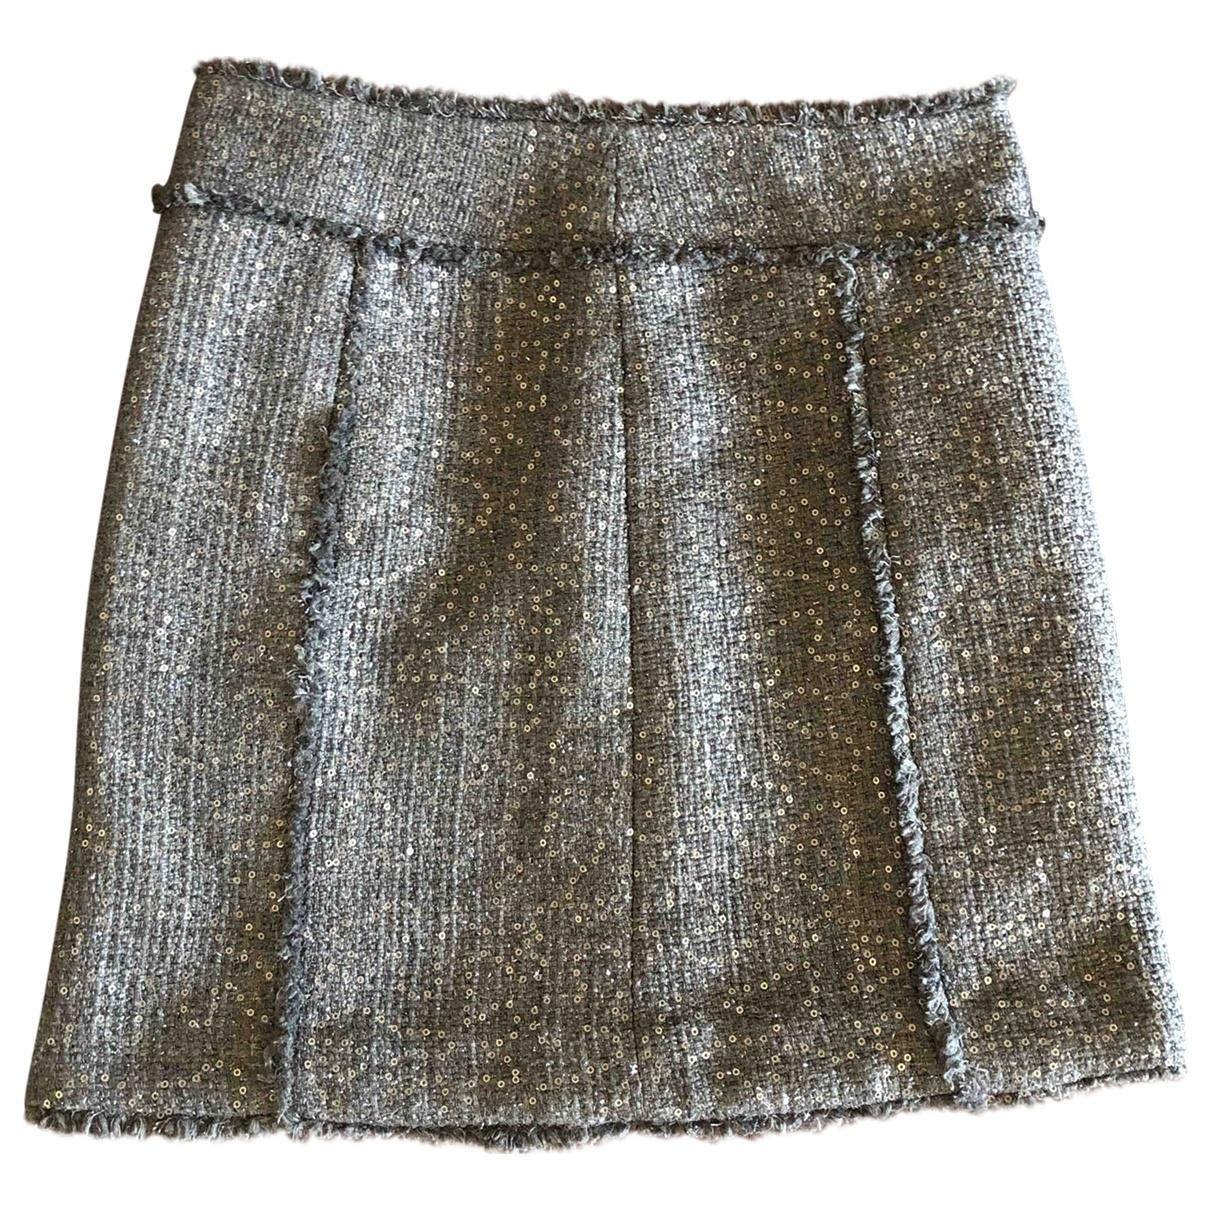 Michael Kors \N Grey skirt for Women 2 US